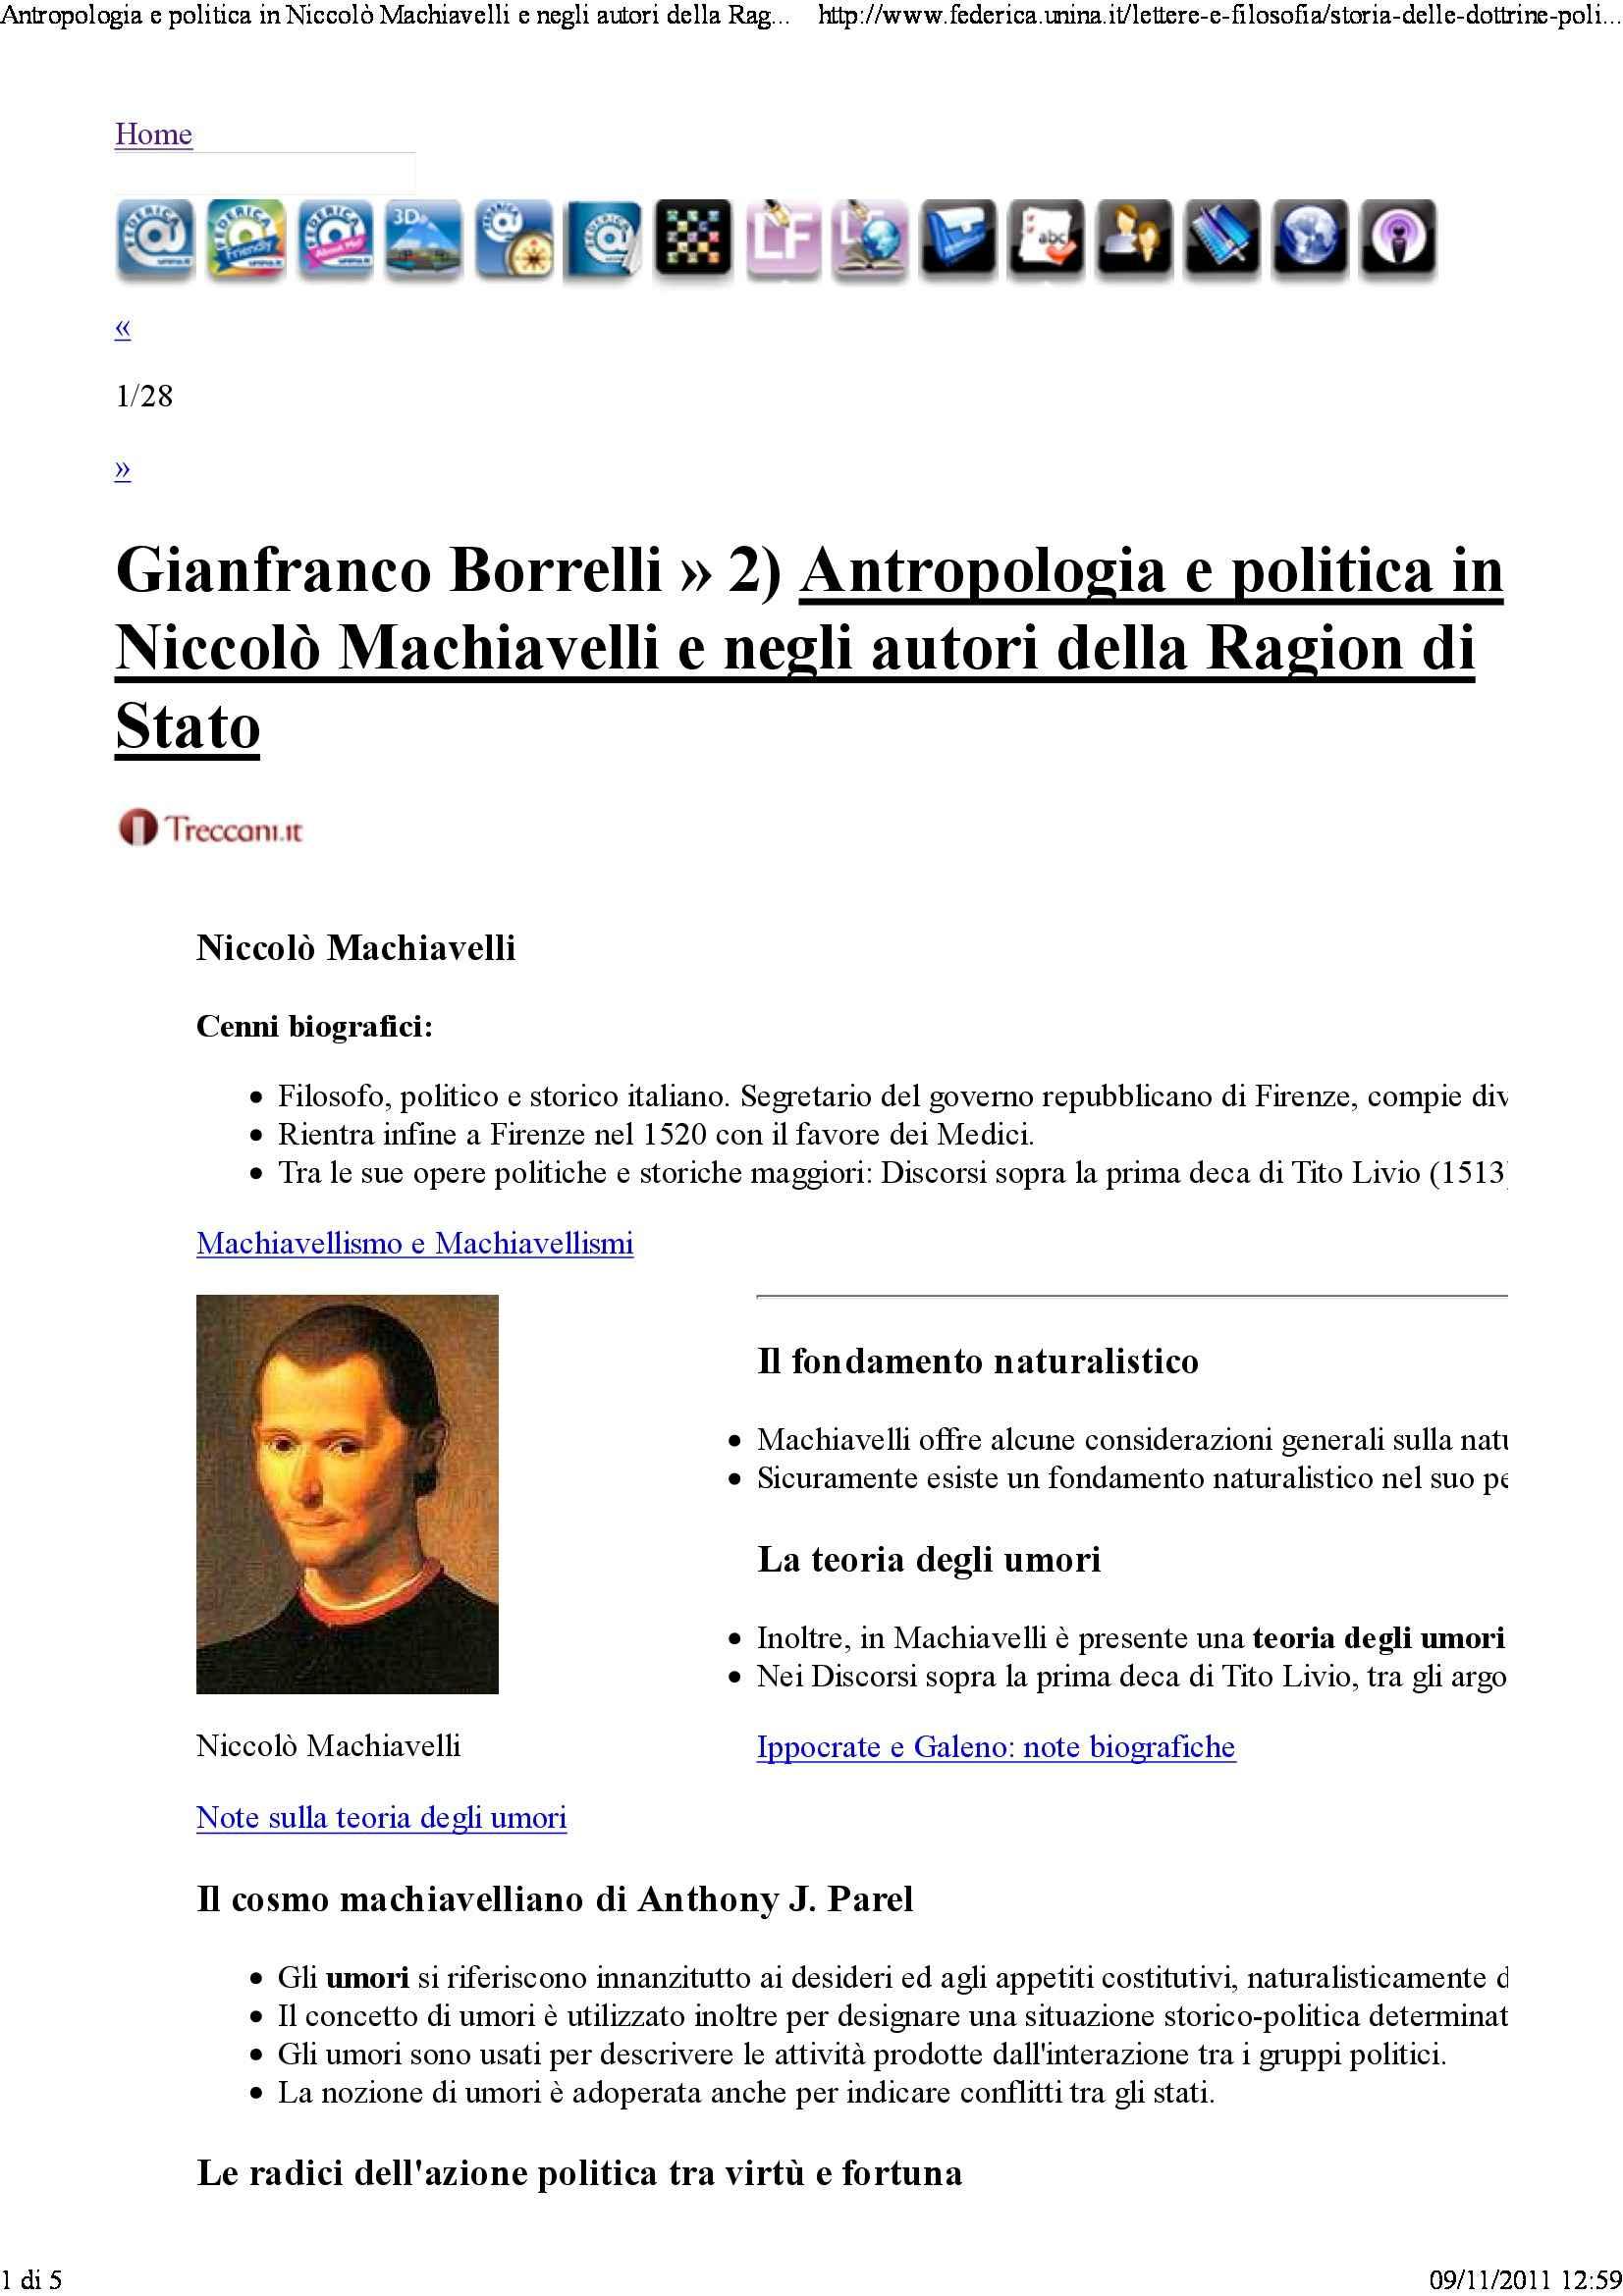 Antropologia e politica in Machiavelli